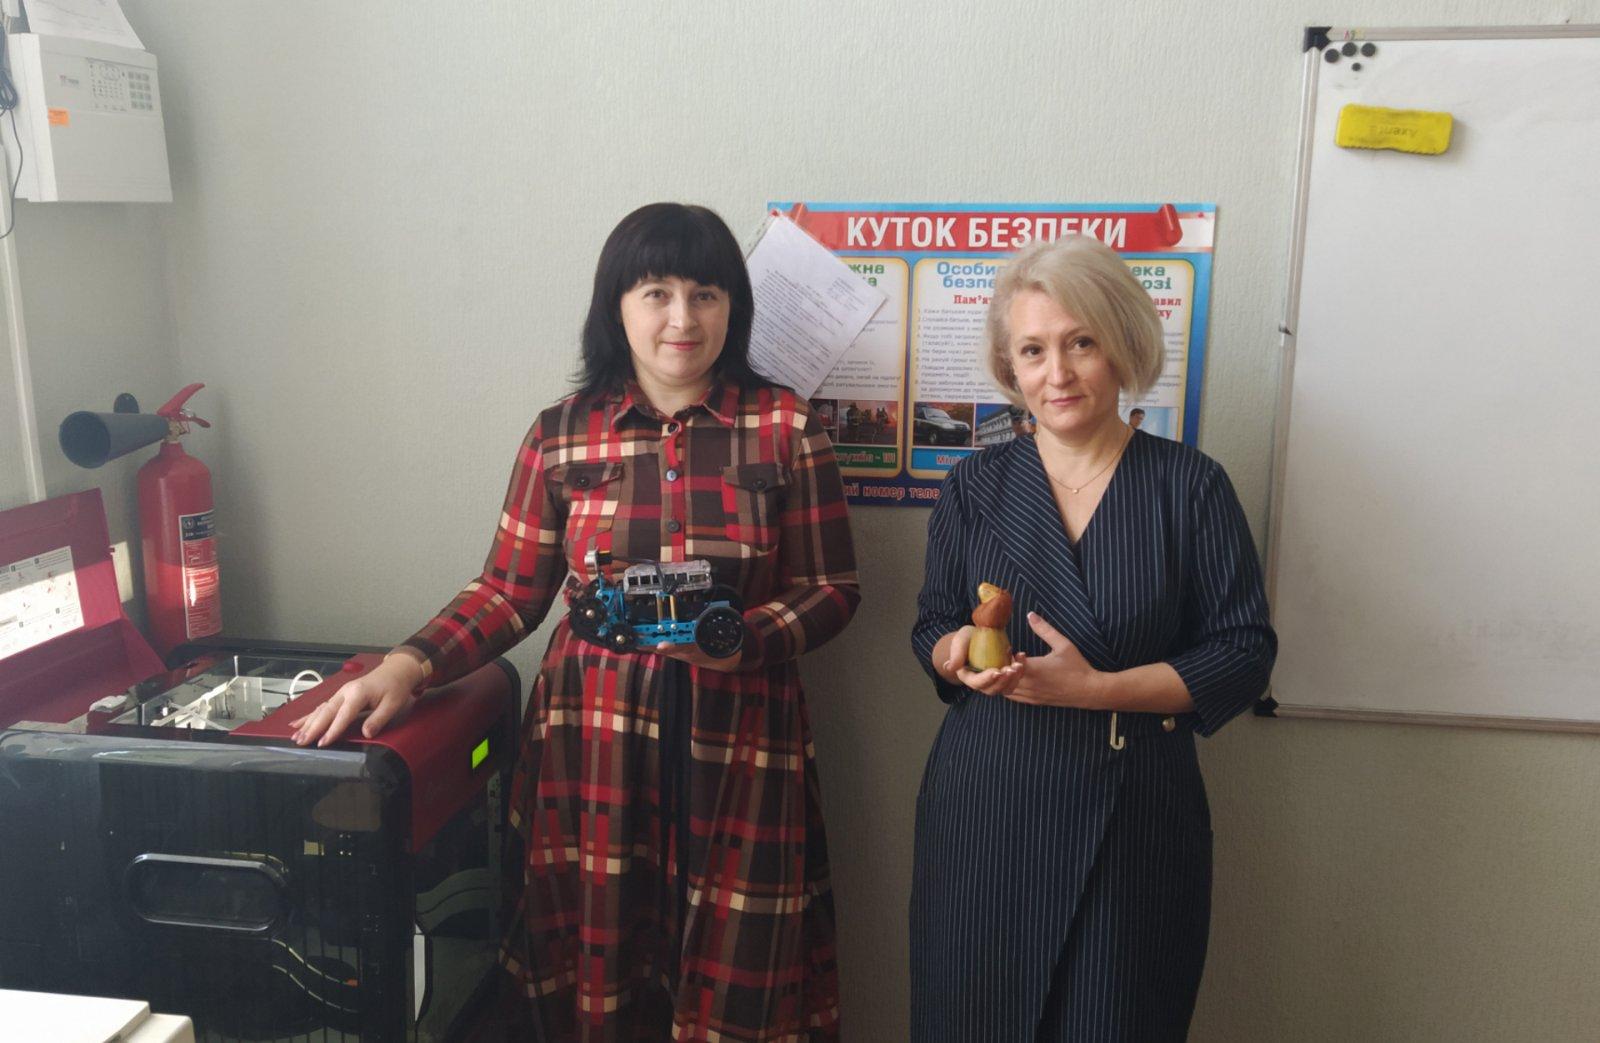 Тетяна Лещенко: «Безпечне освітнє середовище — основа інноваційних перетворень»